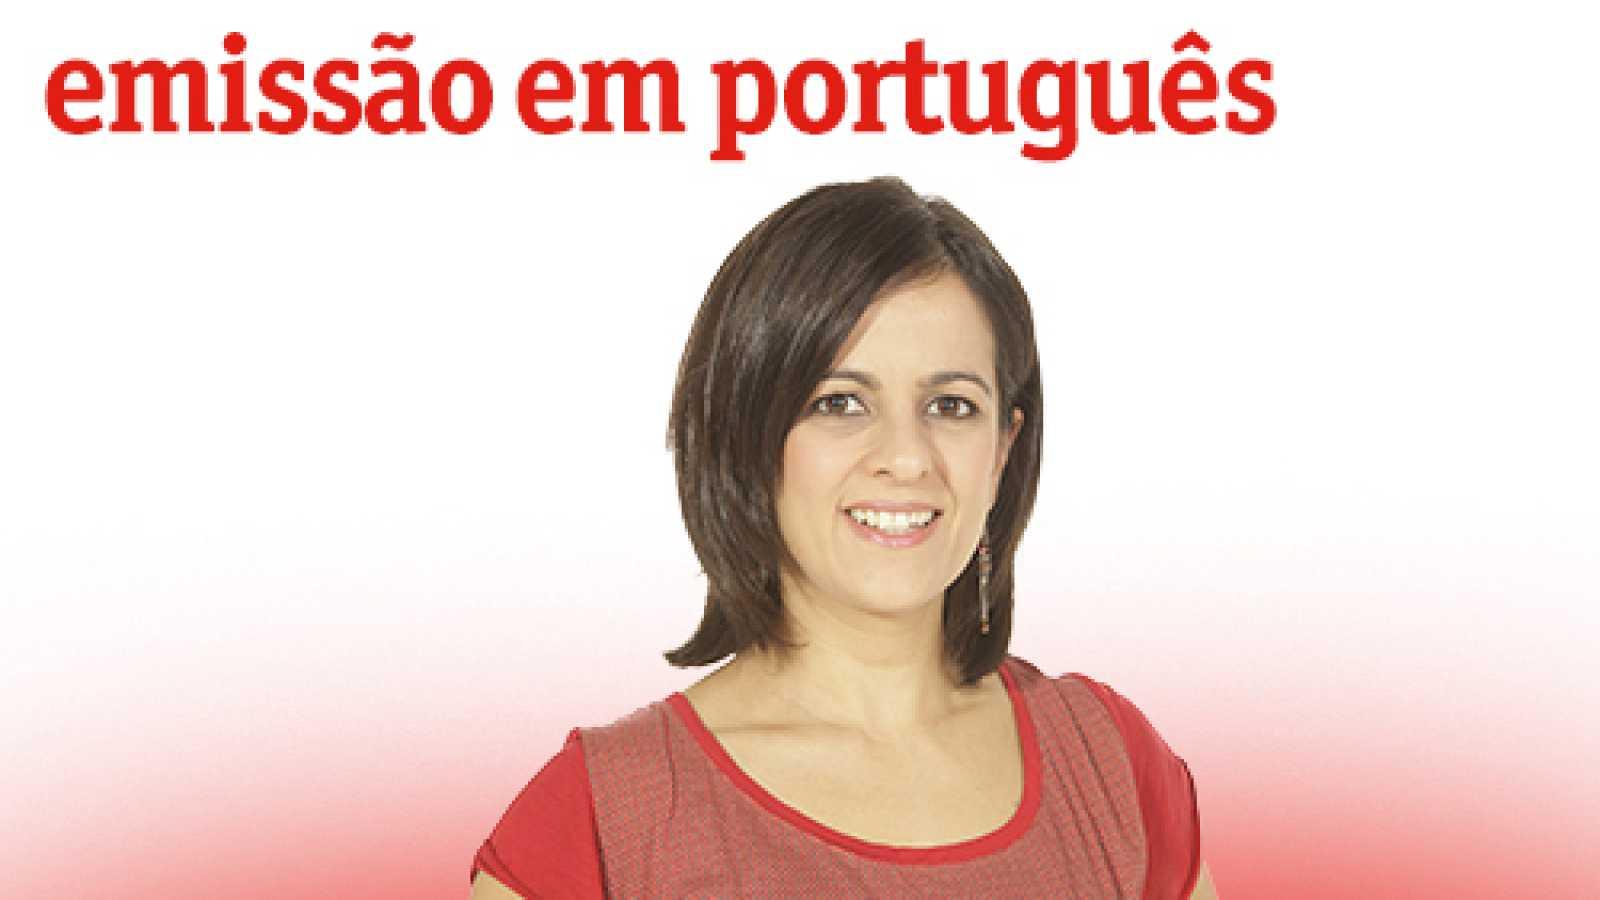 Emissão em português - Programa de Cooperação Transfronteiriça Espanha-Portugal faz 30 anos - 07/10/20 - escuchar ahora